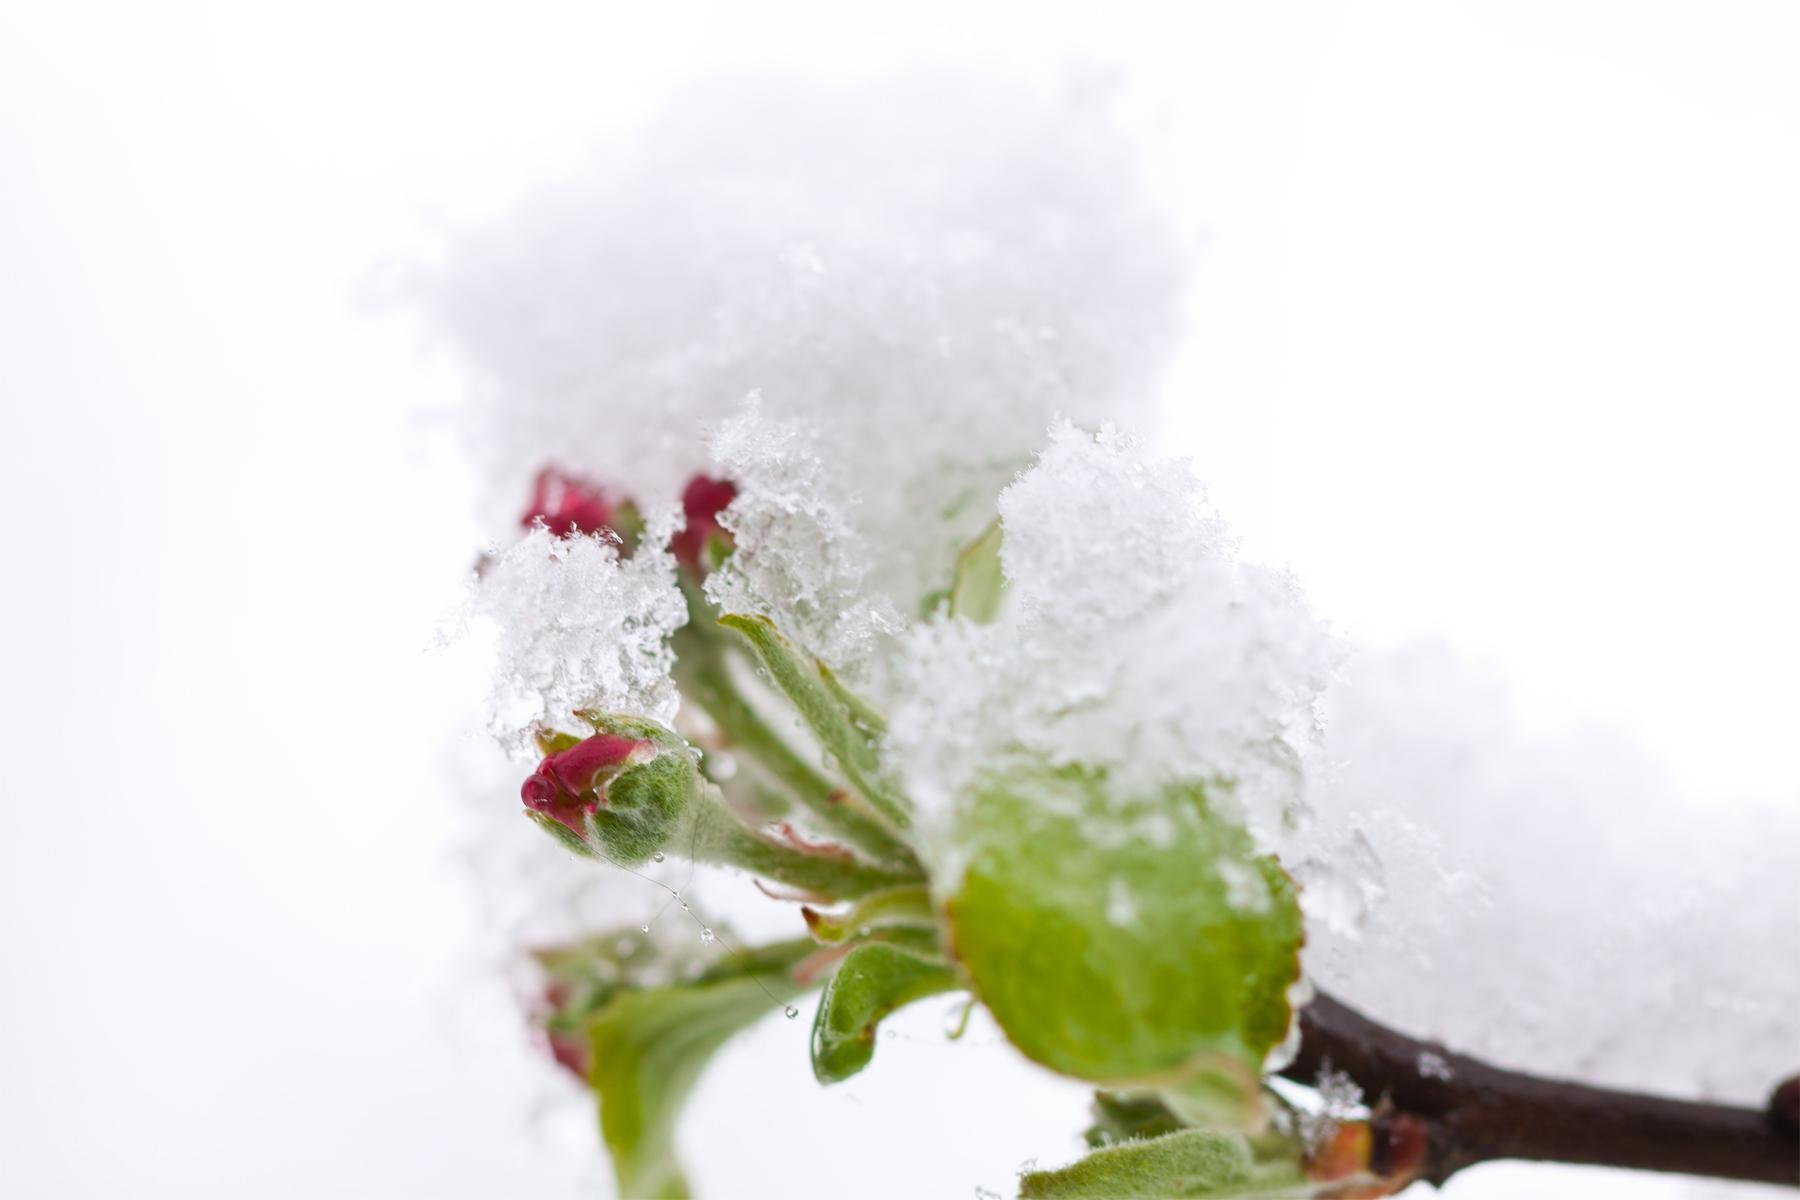 Apfelblütenknospen mit Schneehaube